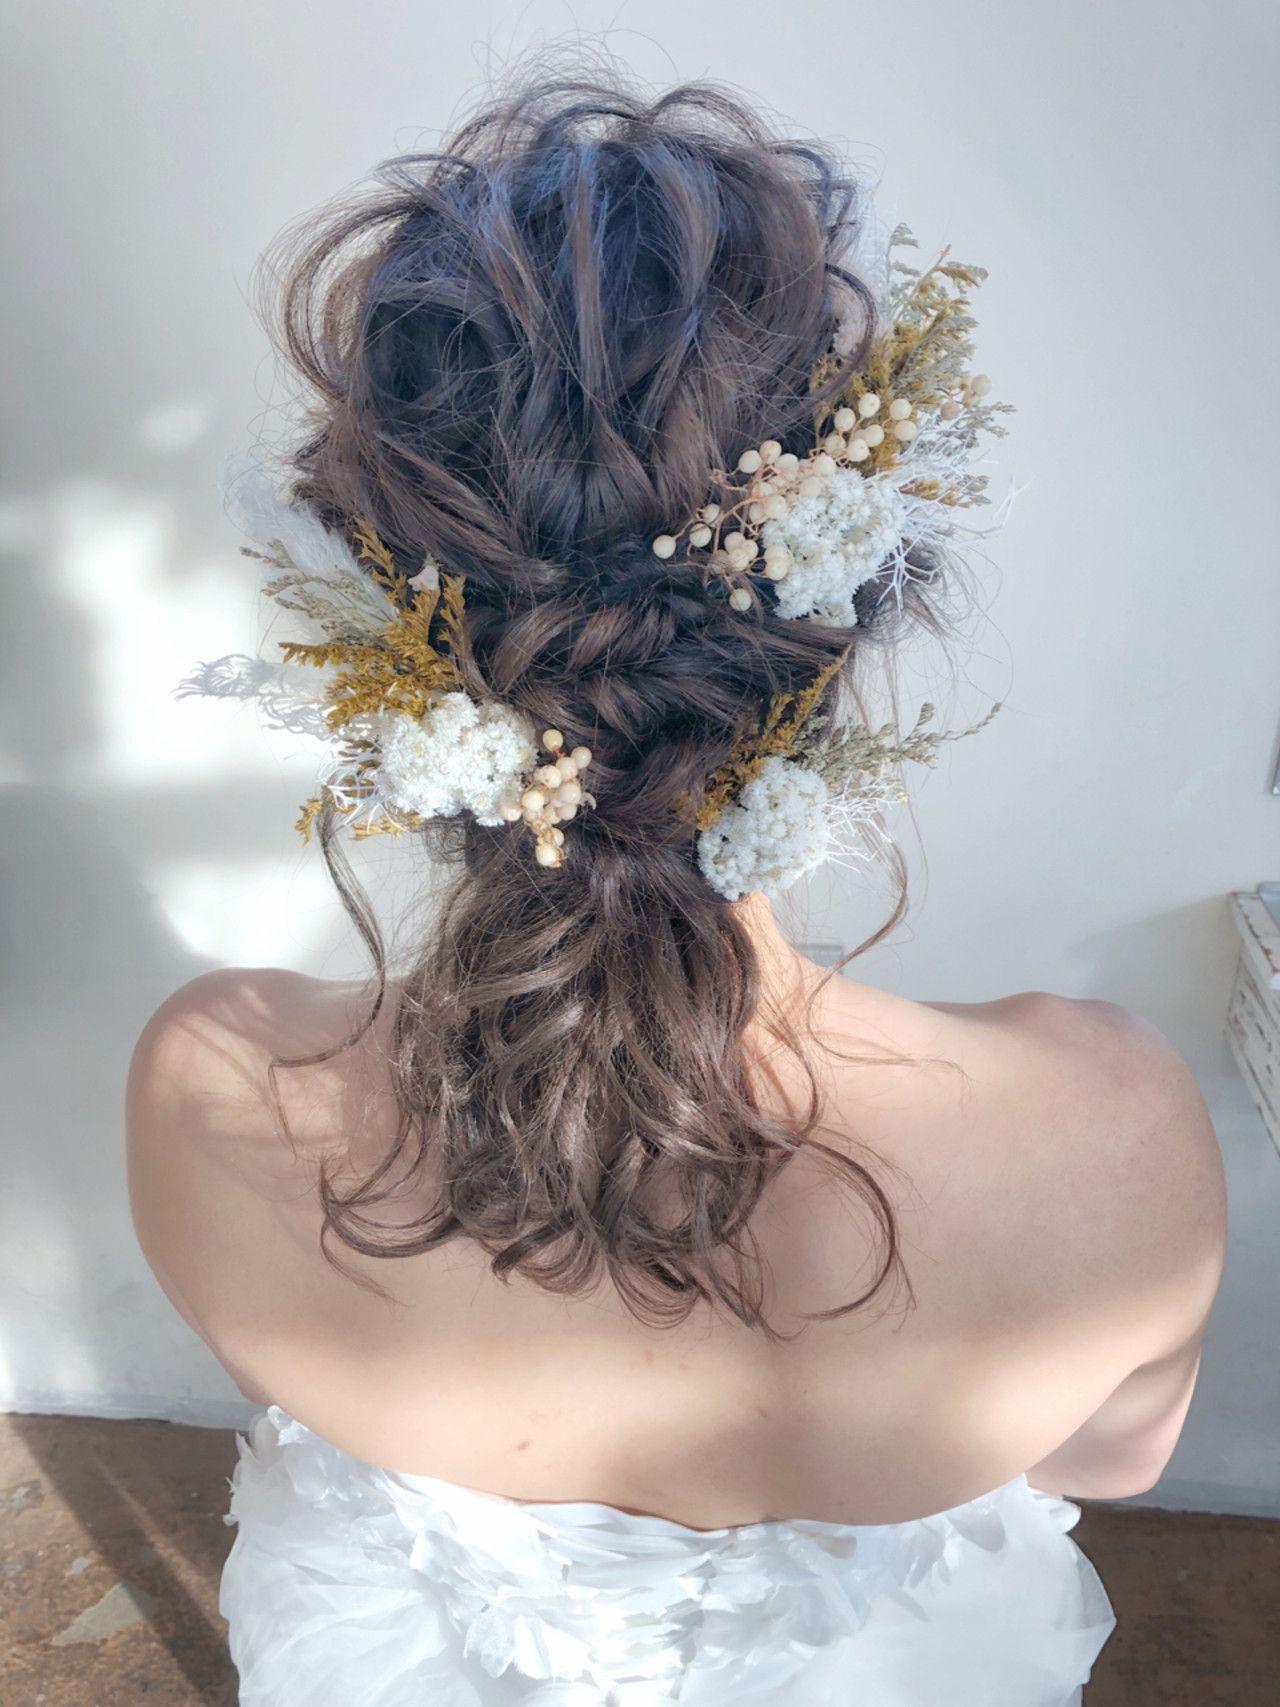 結婚式前撮りのヘアアレンジ 結婚式 ヘアスタイル ダウン 結婚式